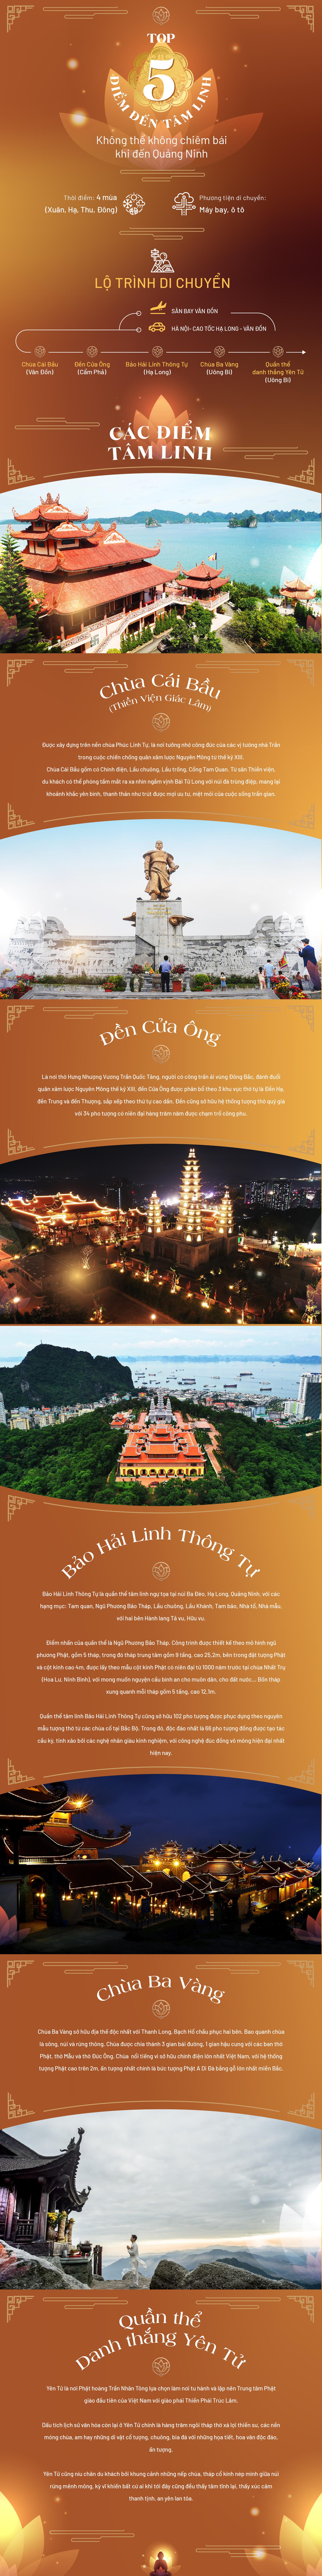 Bí kíp hay cho các tín đồ Phật tử du lịch tâm linh trên miền di sản Quảng Ninh - Ảnh 1